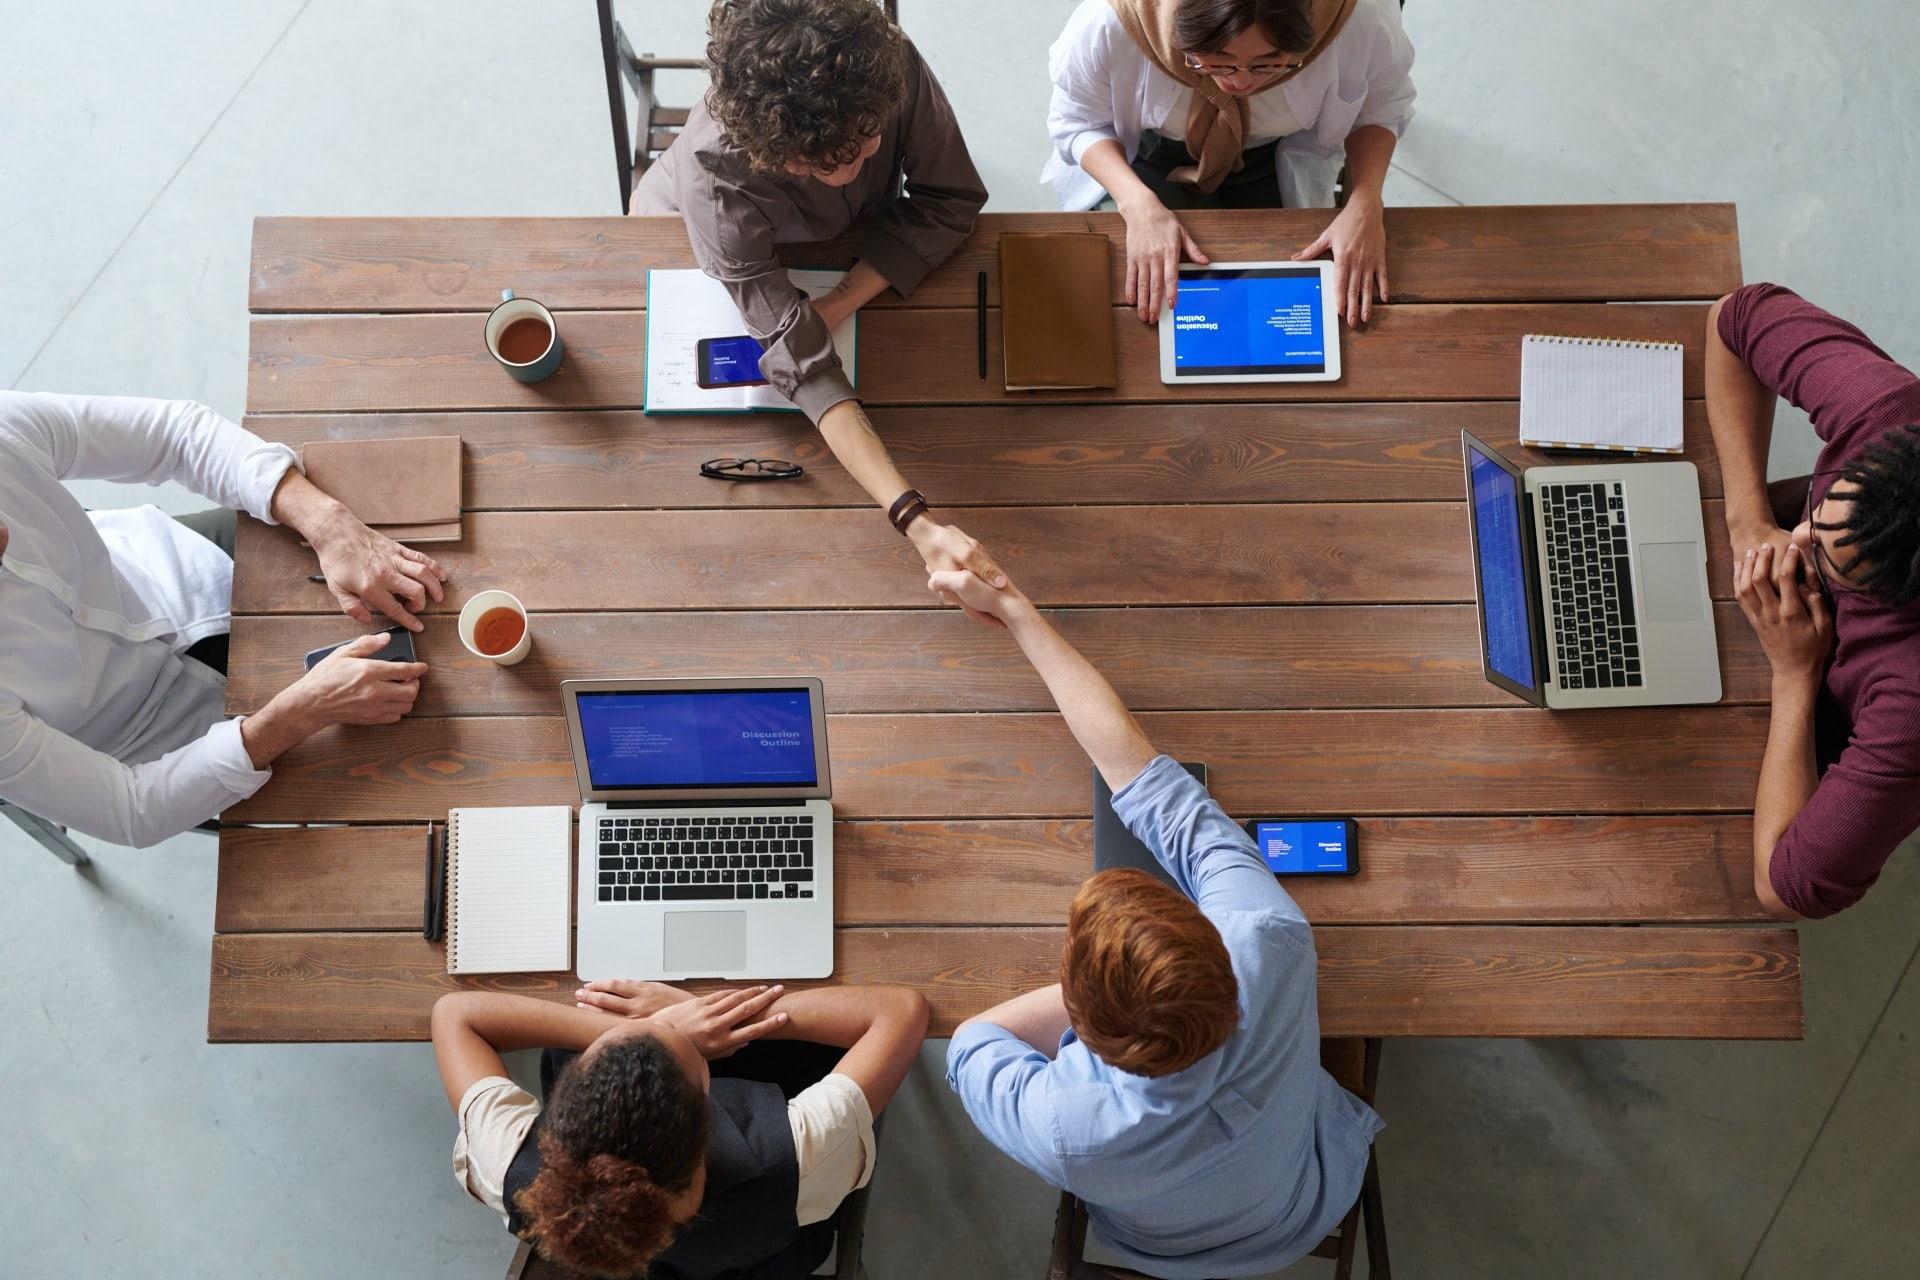 Một nhóm đang nghiên cứu cách bán hàng hiệu quả